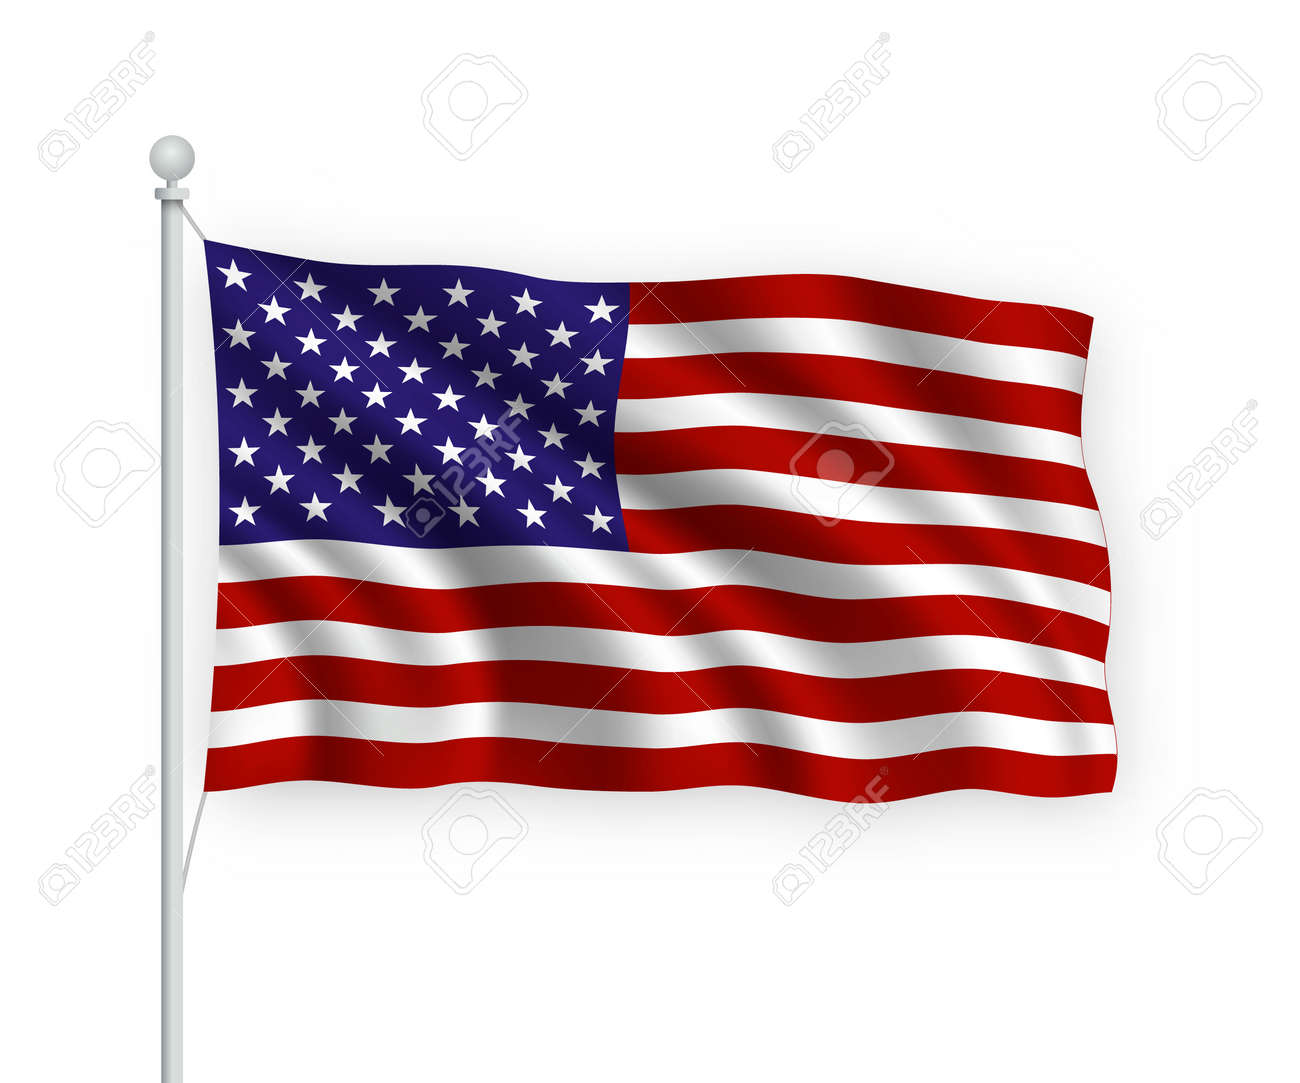 3d waving flag United States on flagpole Isolated on white background. - 158678058